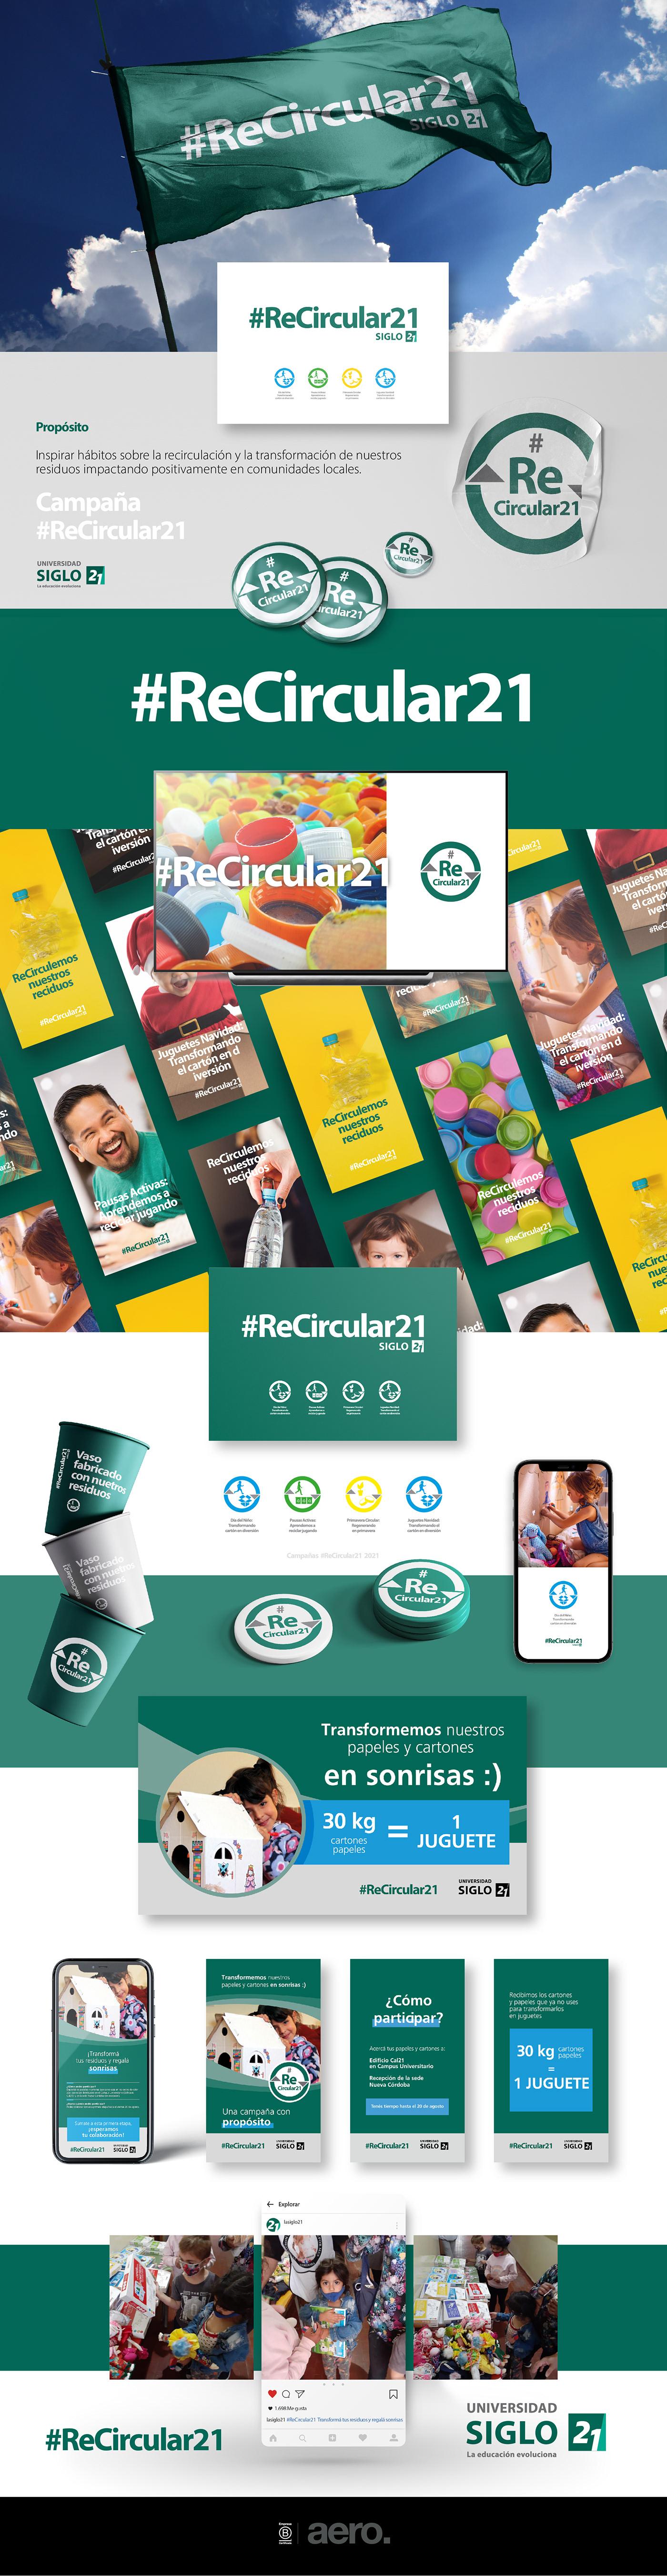 argentina buenos aires Campaña circular economy cordoba eco environment siglo 21 Sustainability